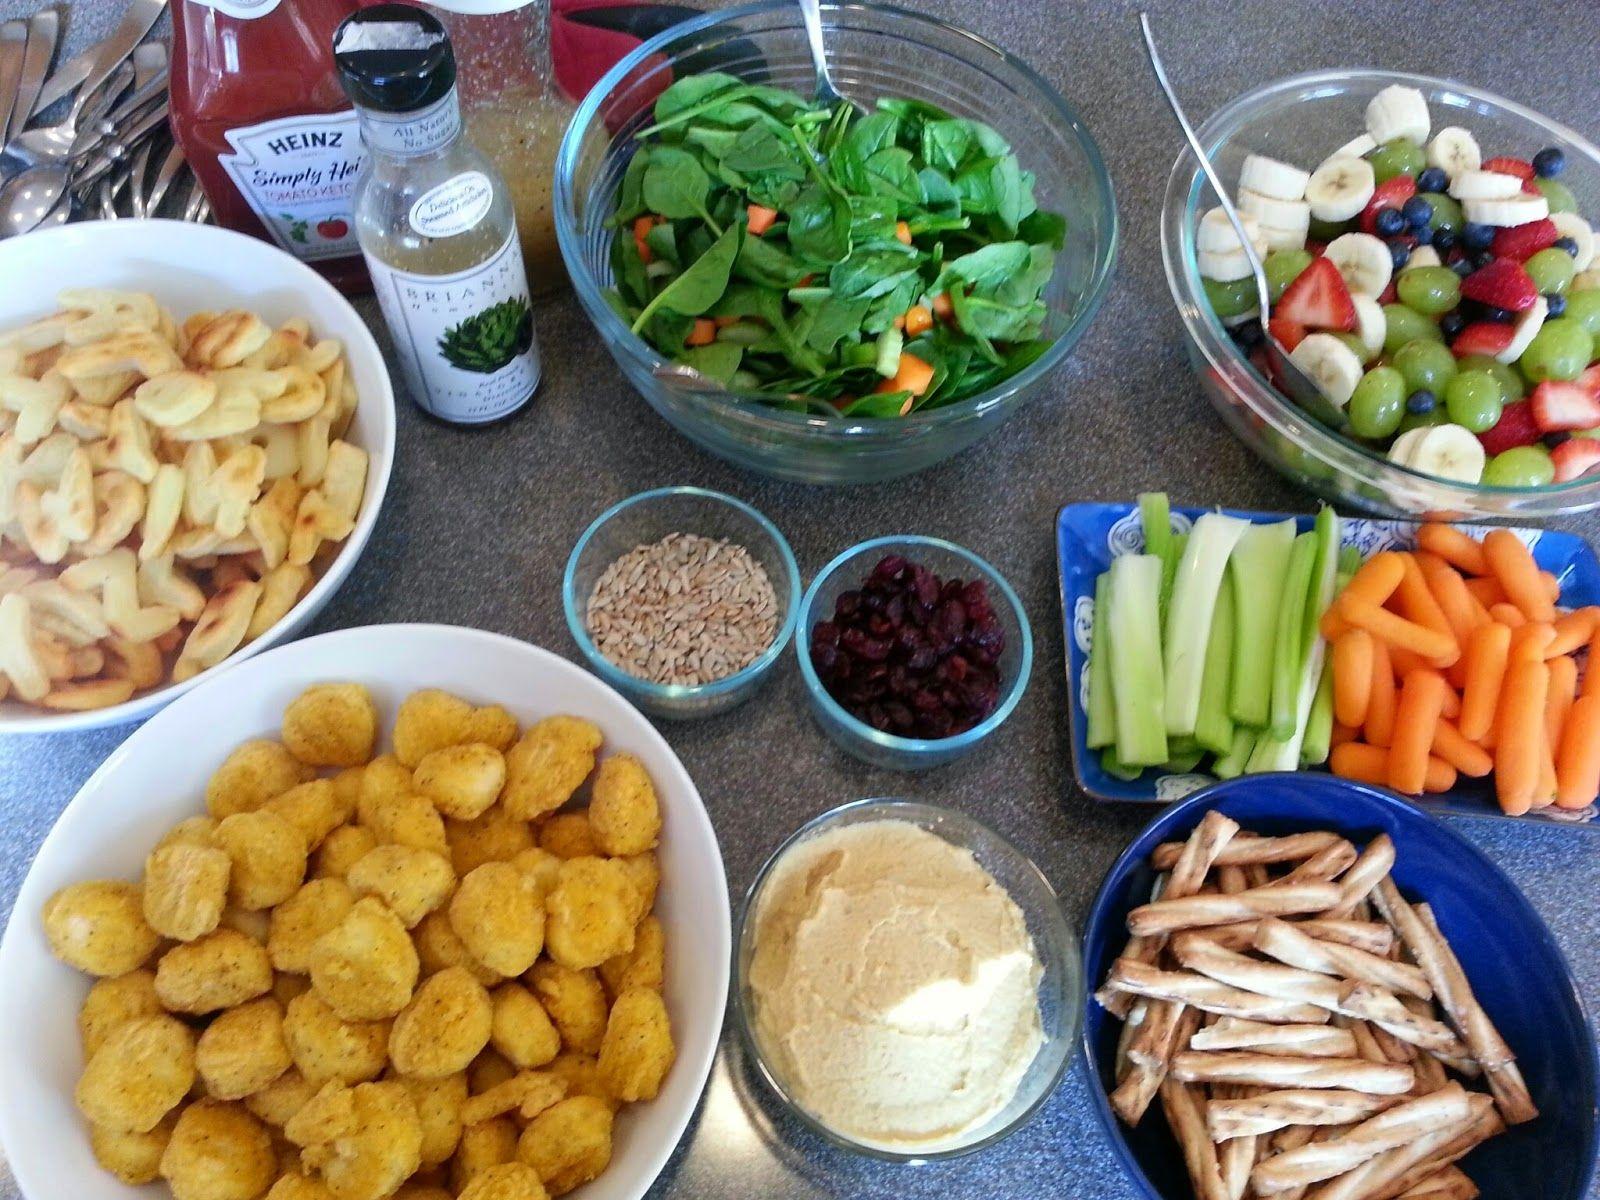 Foodallergy friendly playdate lunch ideas foodallergies foodallergy friendly playdate lunch ideas foodallergies forumfinder Images